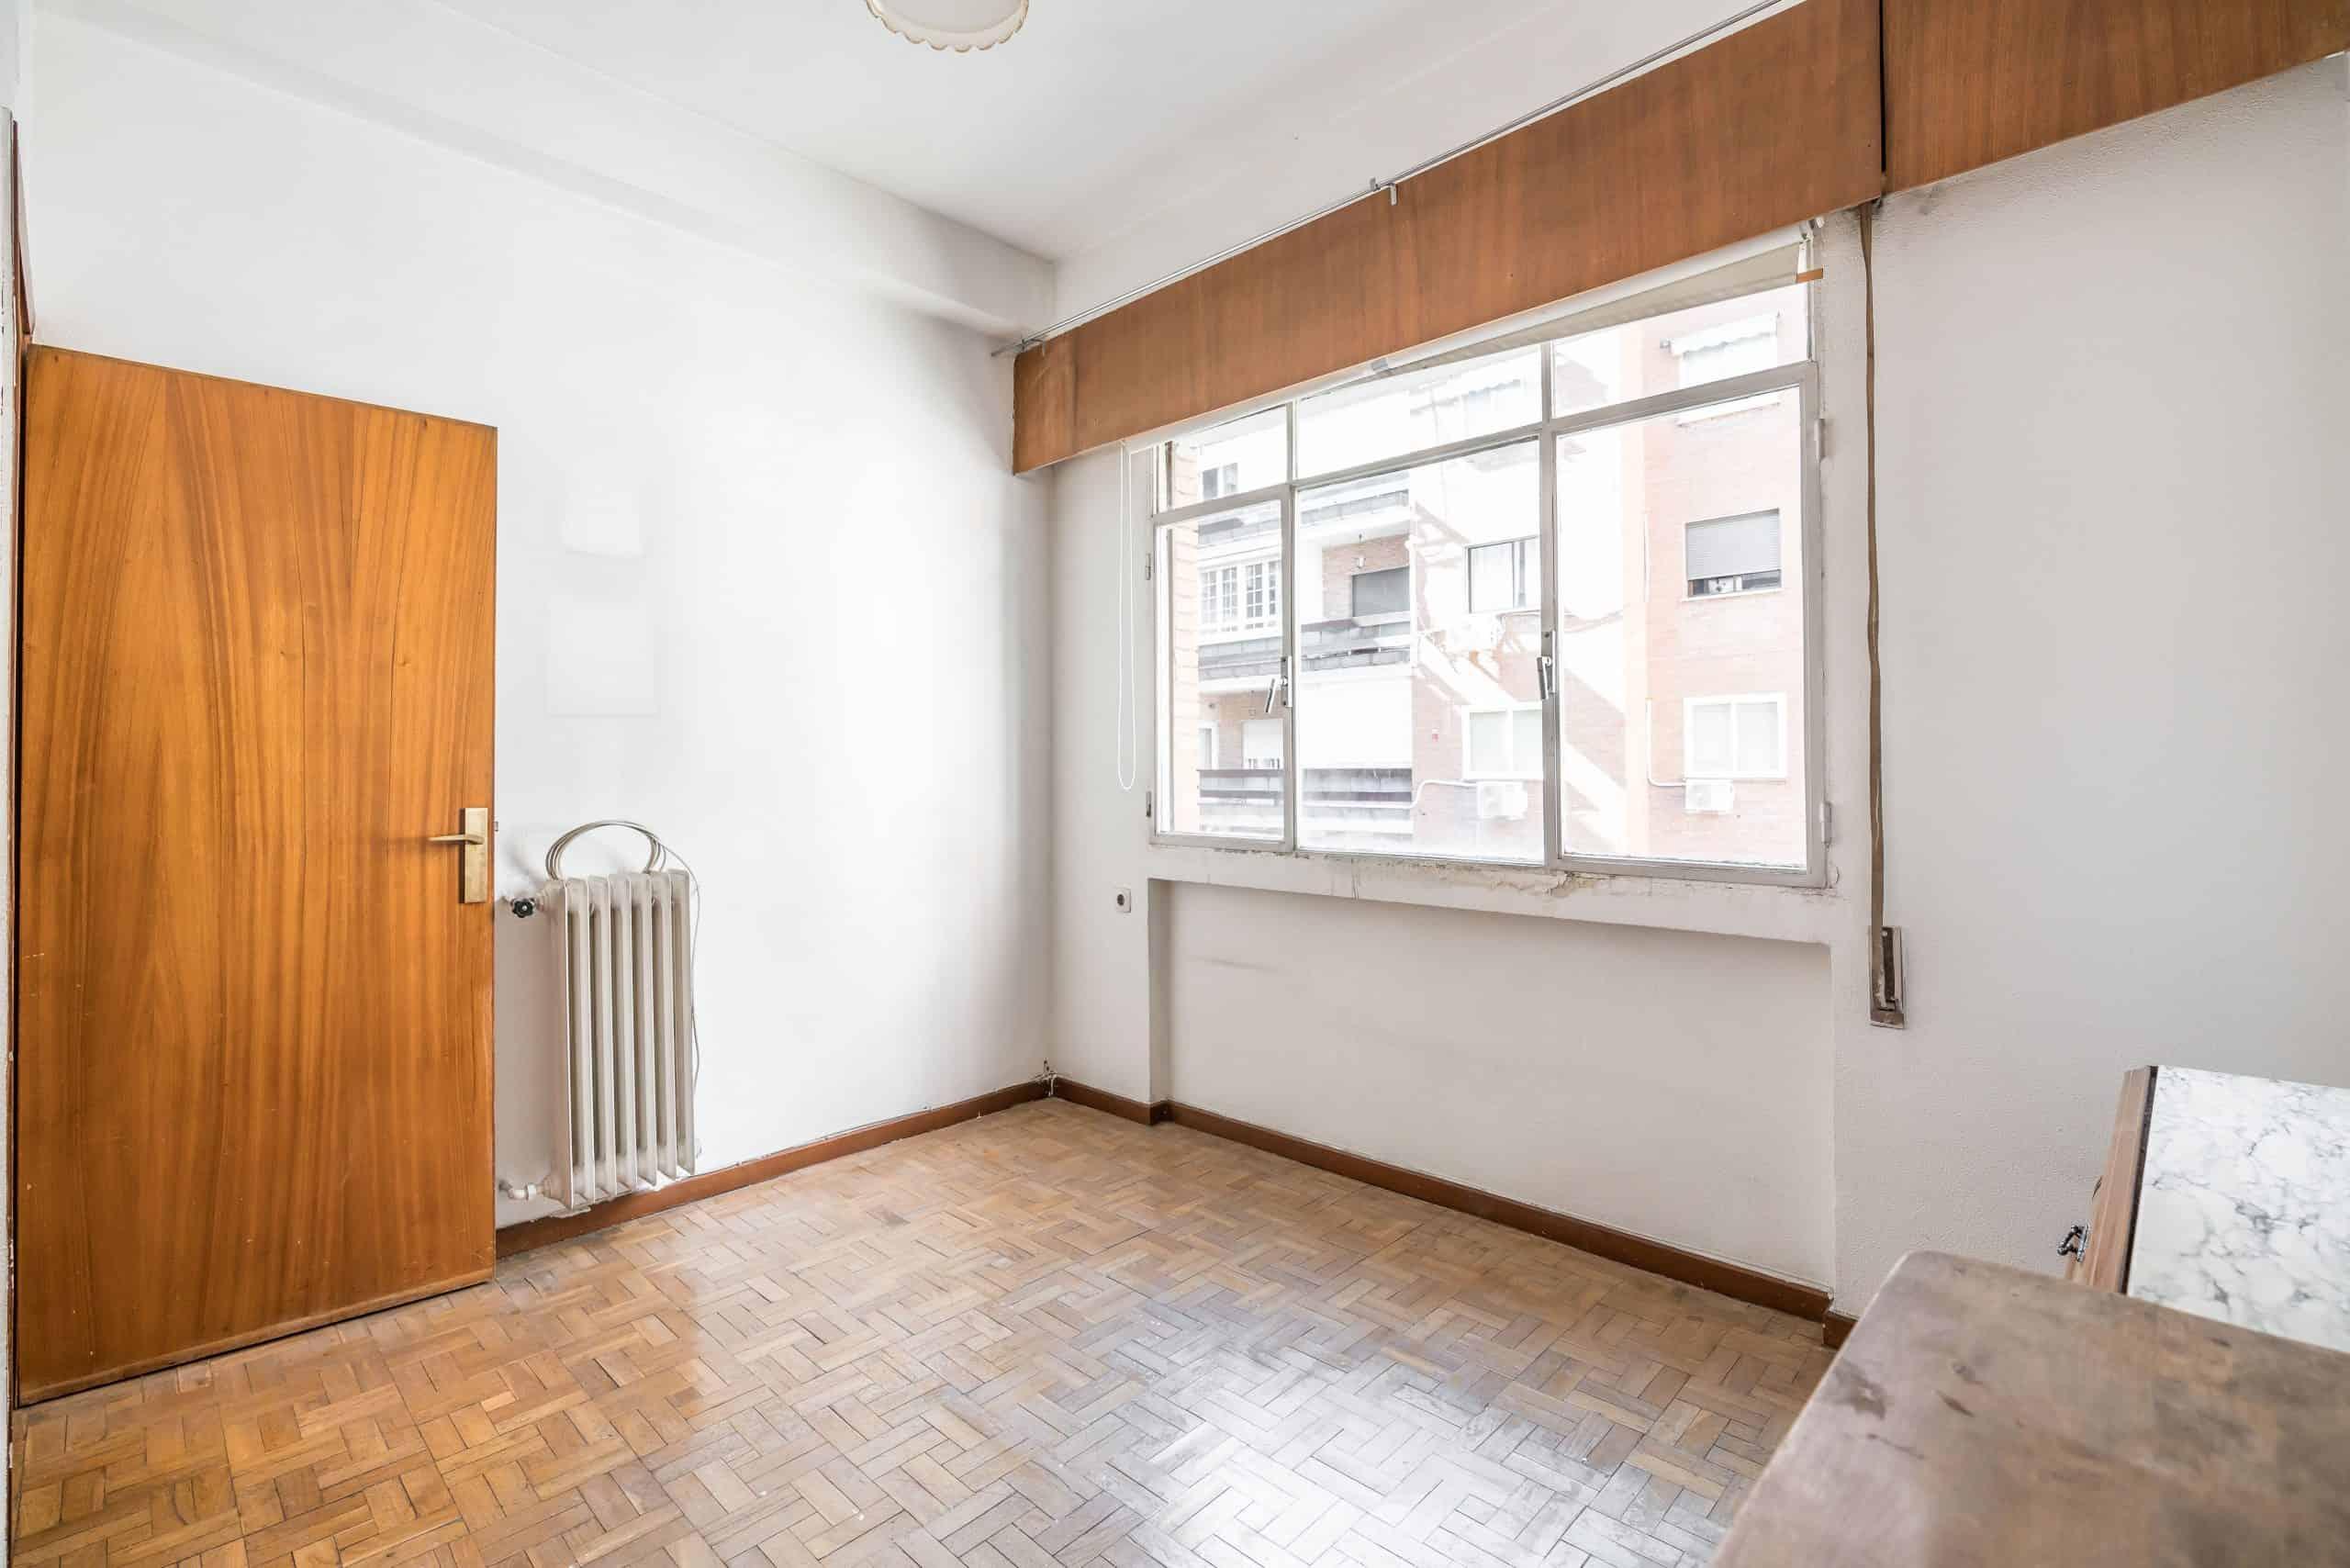 Agencia Inmobiliaria de Madrid-FUTUROCASA-Zona ARGANZUELA-EMBAJADORES-LEGAZPI -calle EMBAJADORES 108-DORMITORIO1 (3) DORMITORIO1 (6)